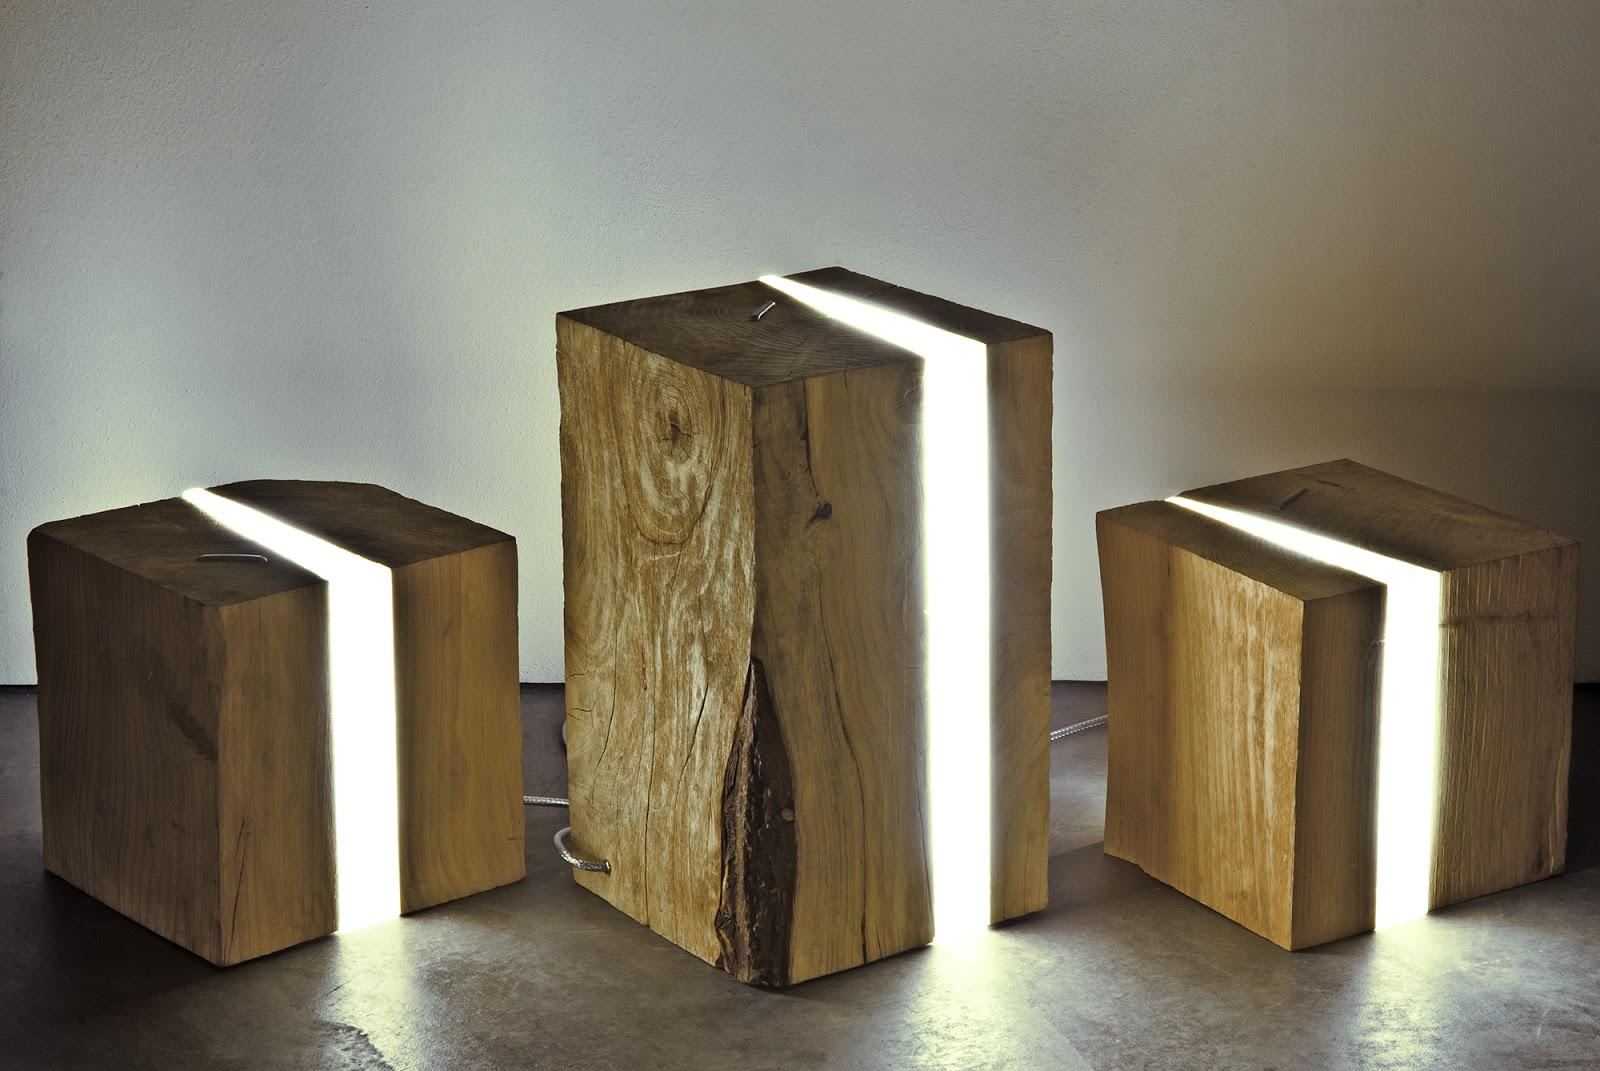 brecce è la collezione di lampade in legno di cedro